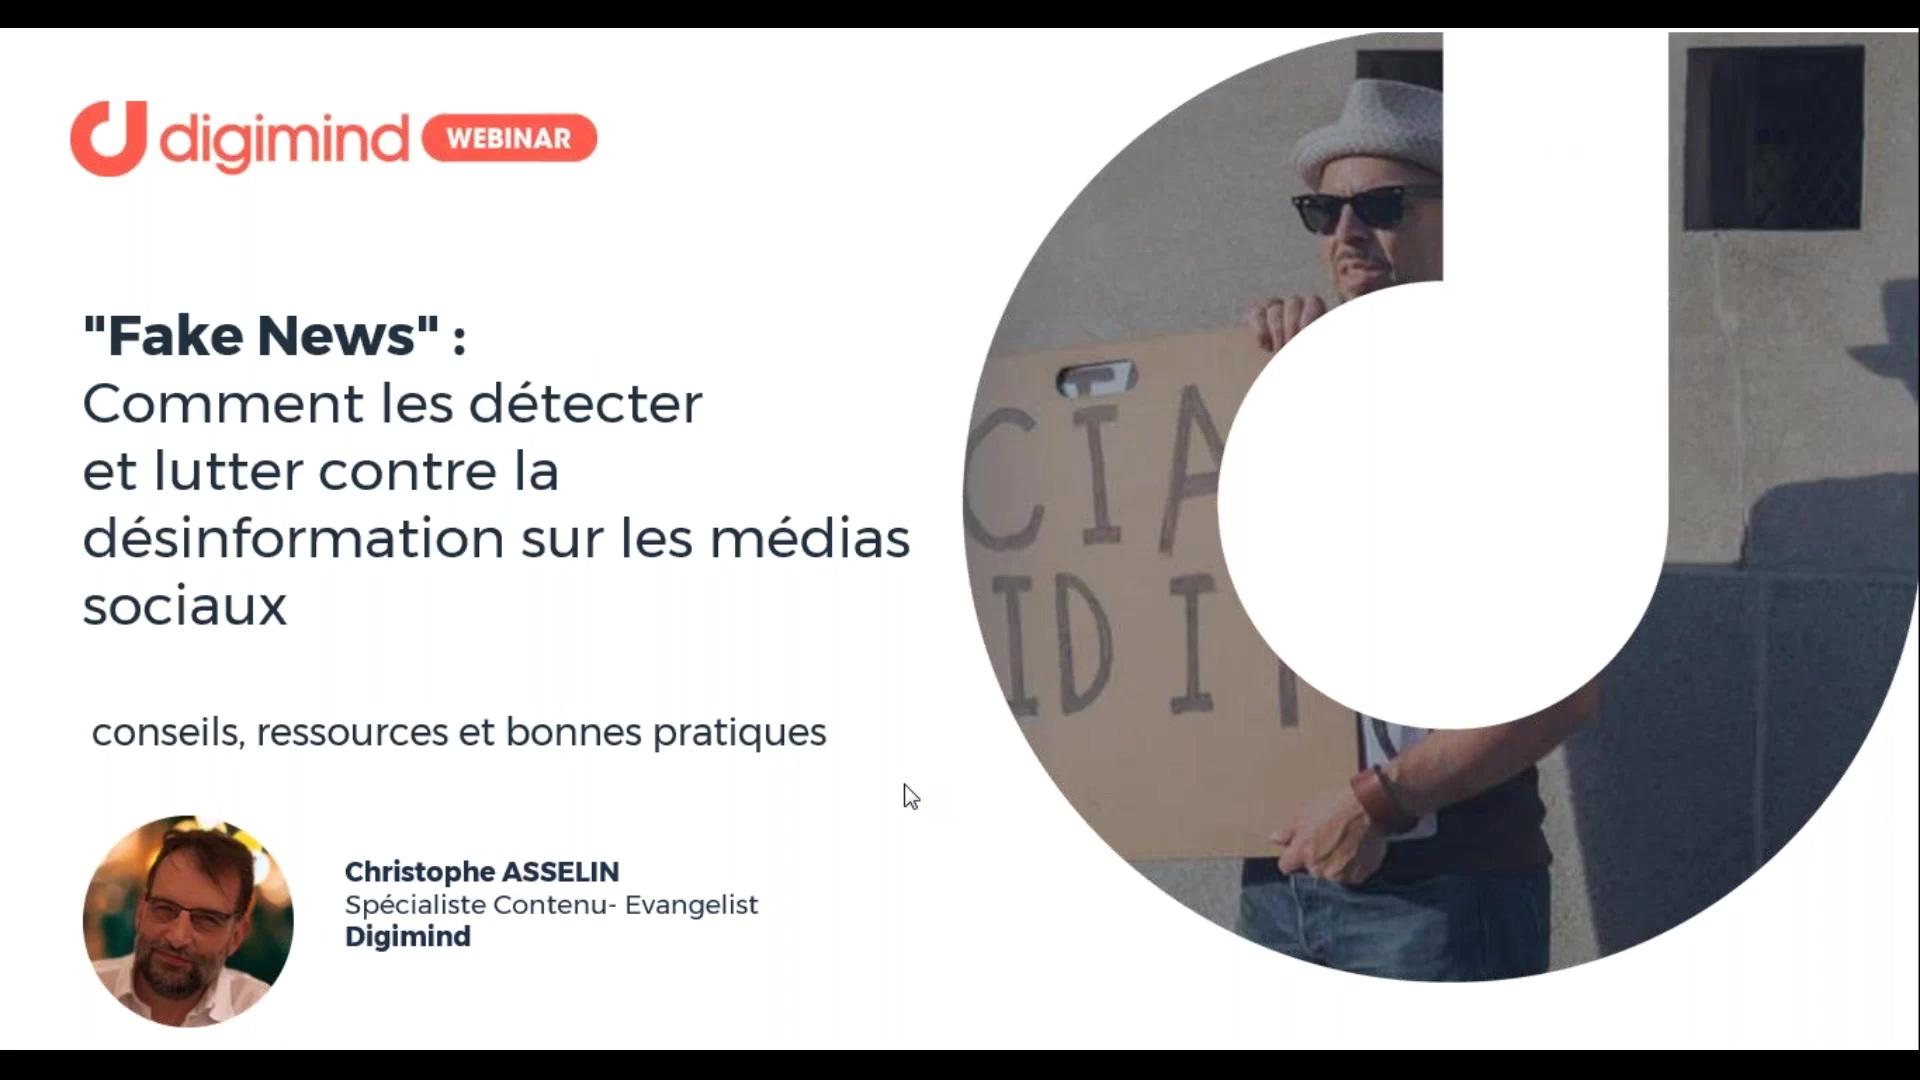 Fake News _ Comment les détecter et lutter contre la désinformation sur les médias sociaux (1)